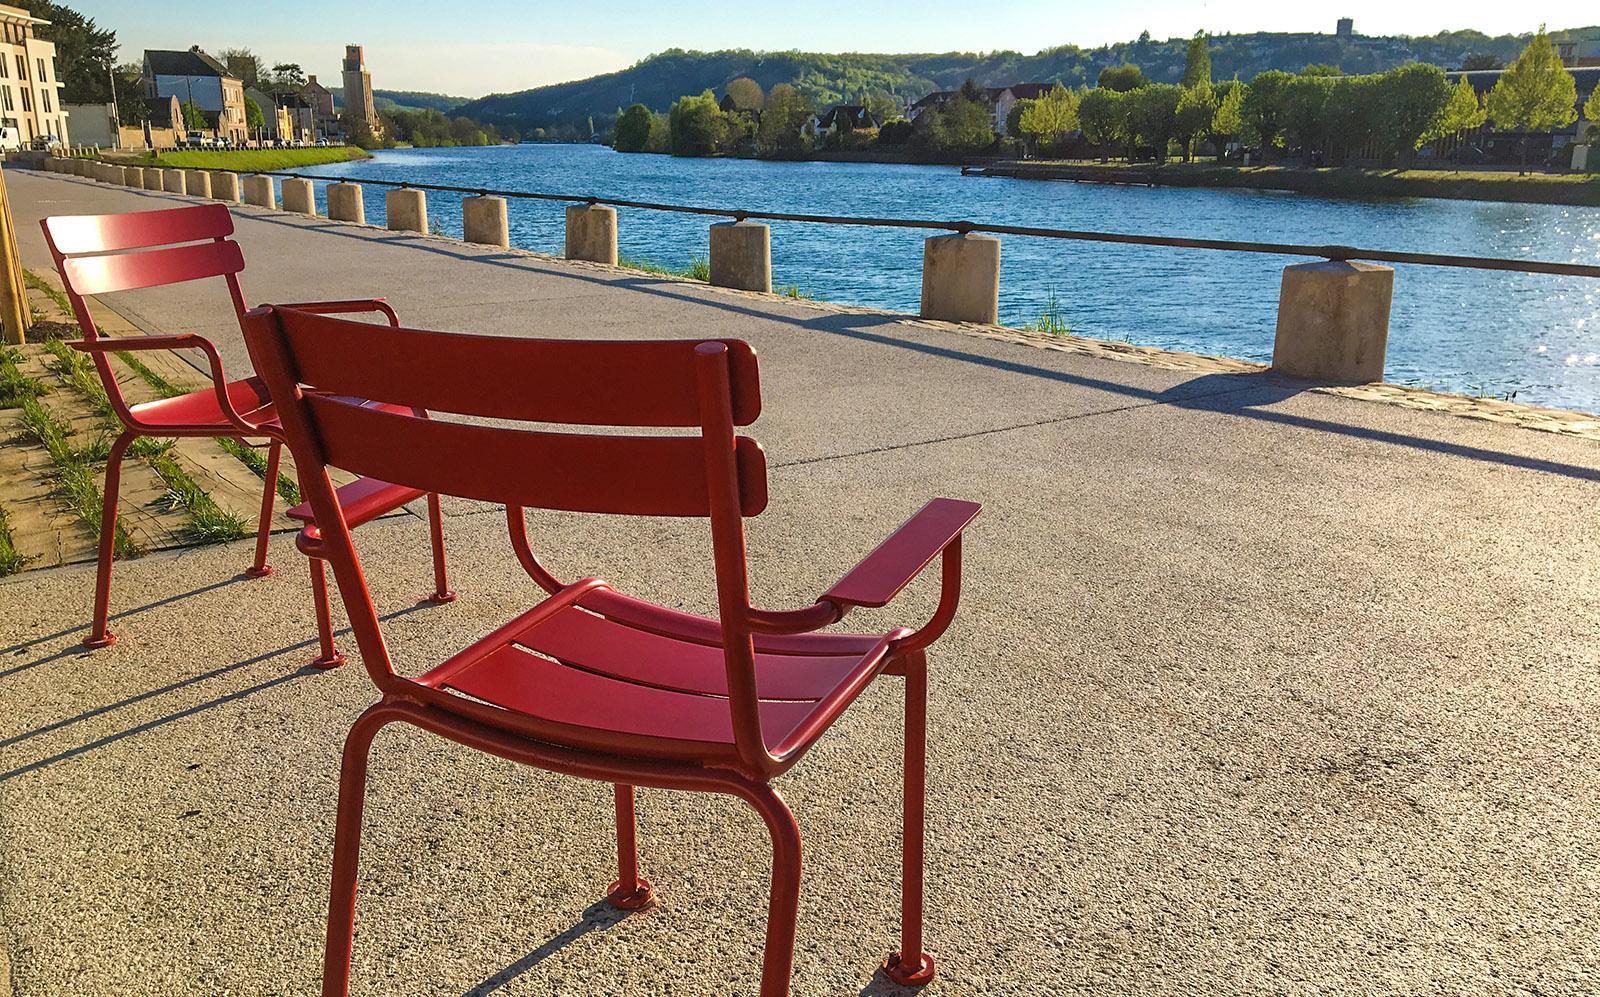 Festgeschraubt: die beliebten Femob-Stühle - Designklassiker aus Frankreich. Foto: Hilke Maunder